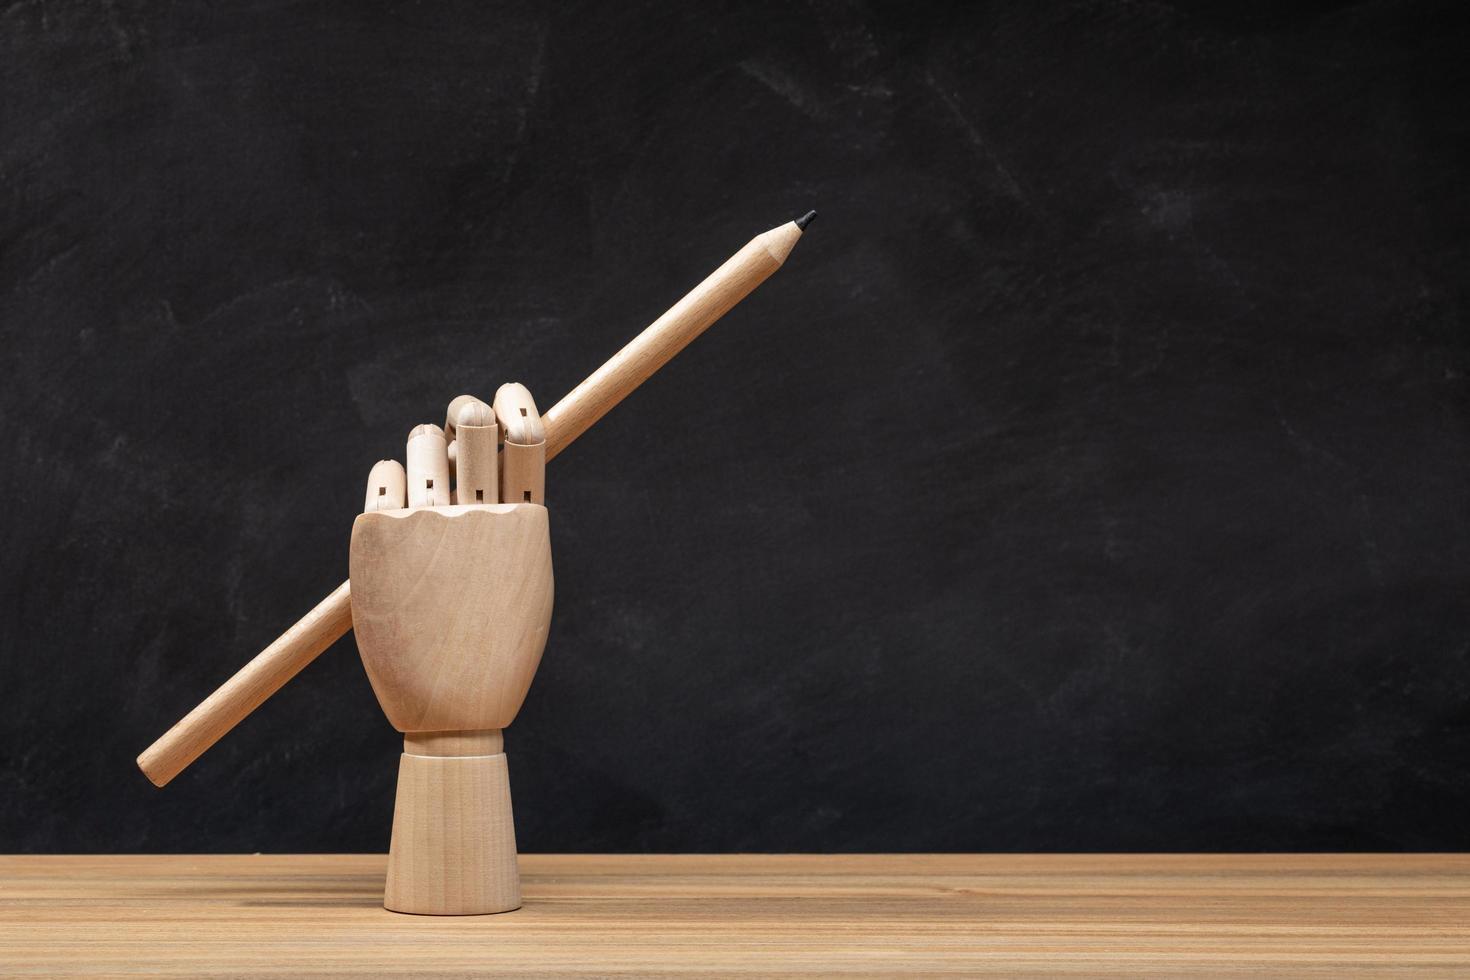 Holzhand hält einen Bleistift foto